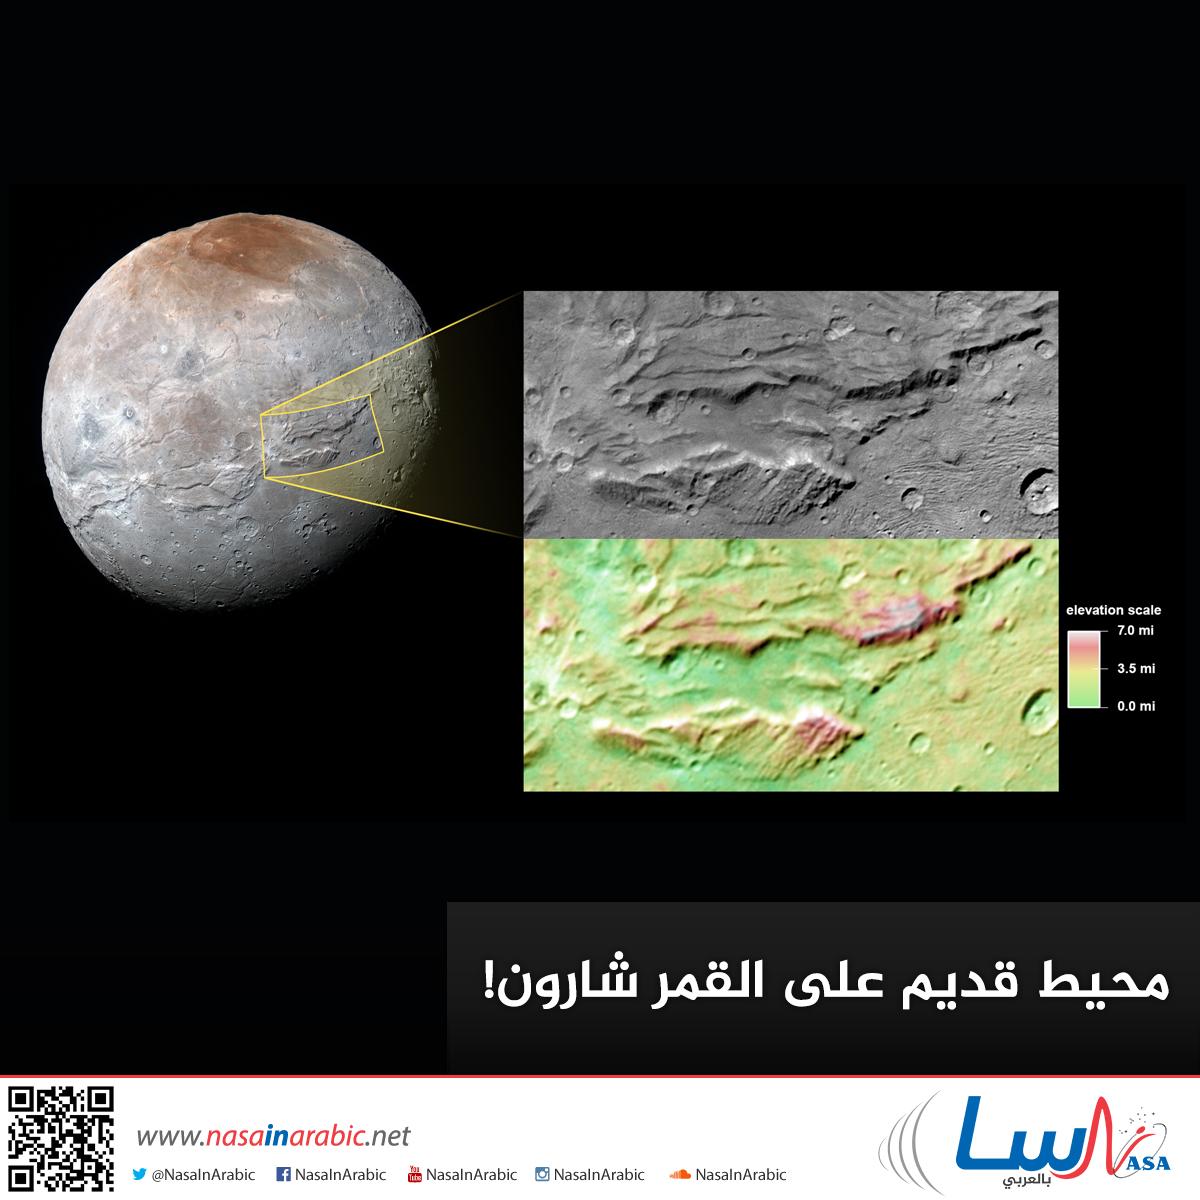 محيط قديم على القمر شارون!